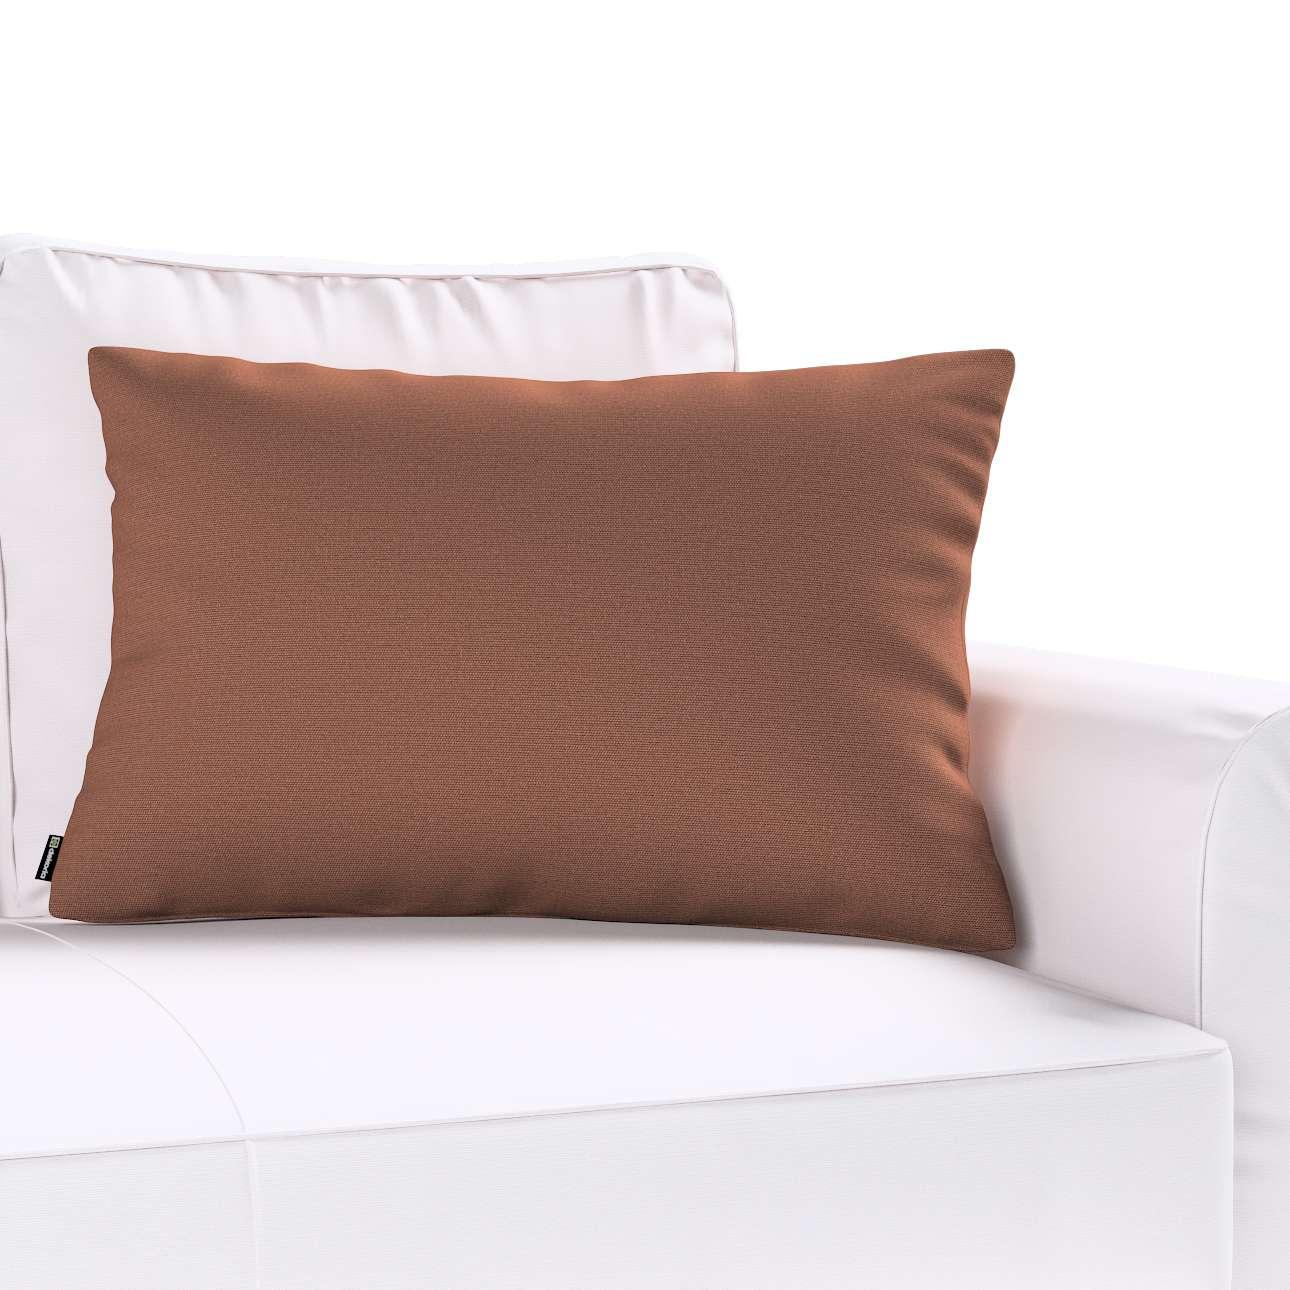 Poszewka Kinga na poduszkę prostokątną 60 x 40 cm w kolekcji Loneta, tkanina: 133-09